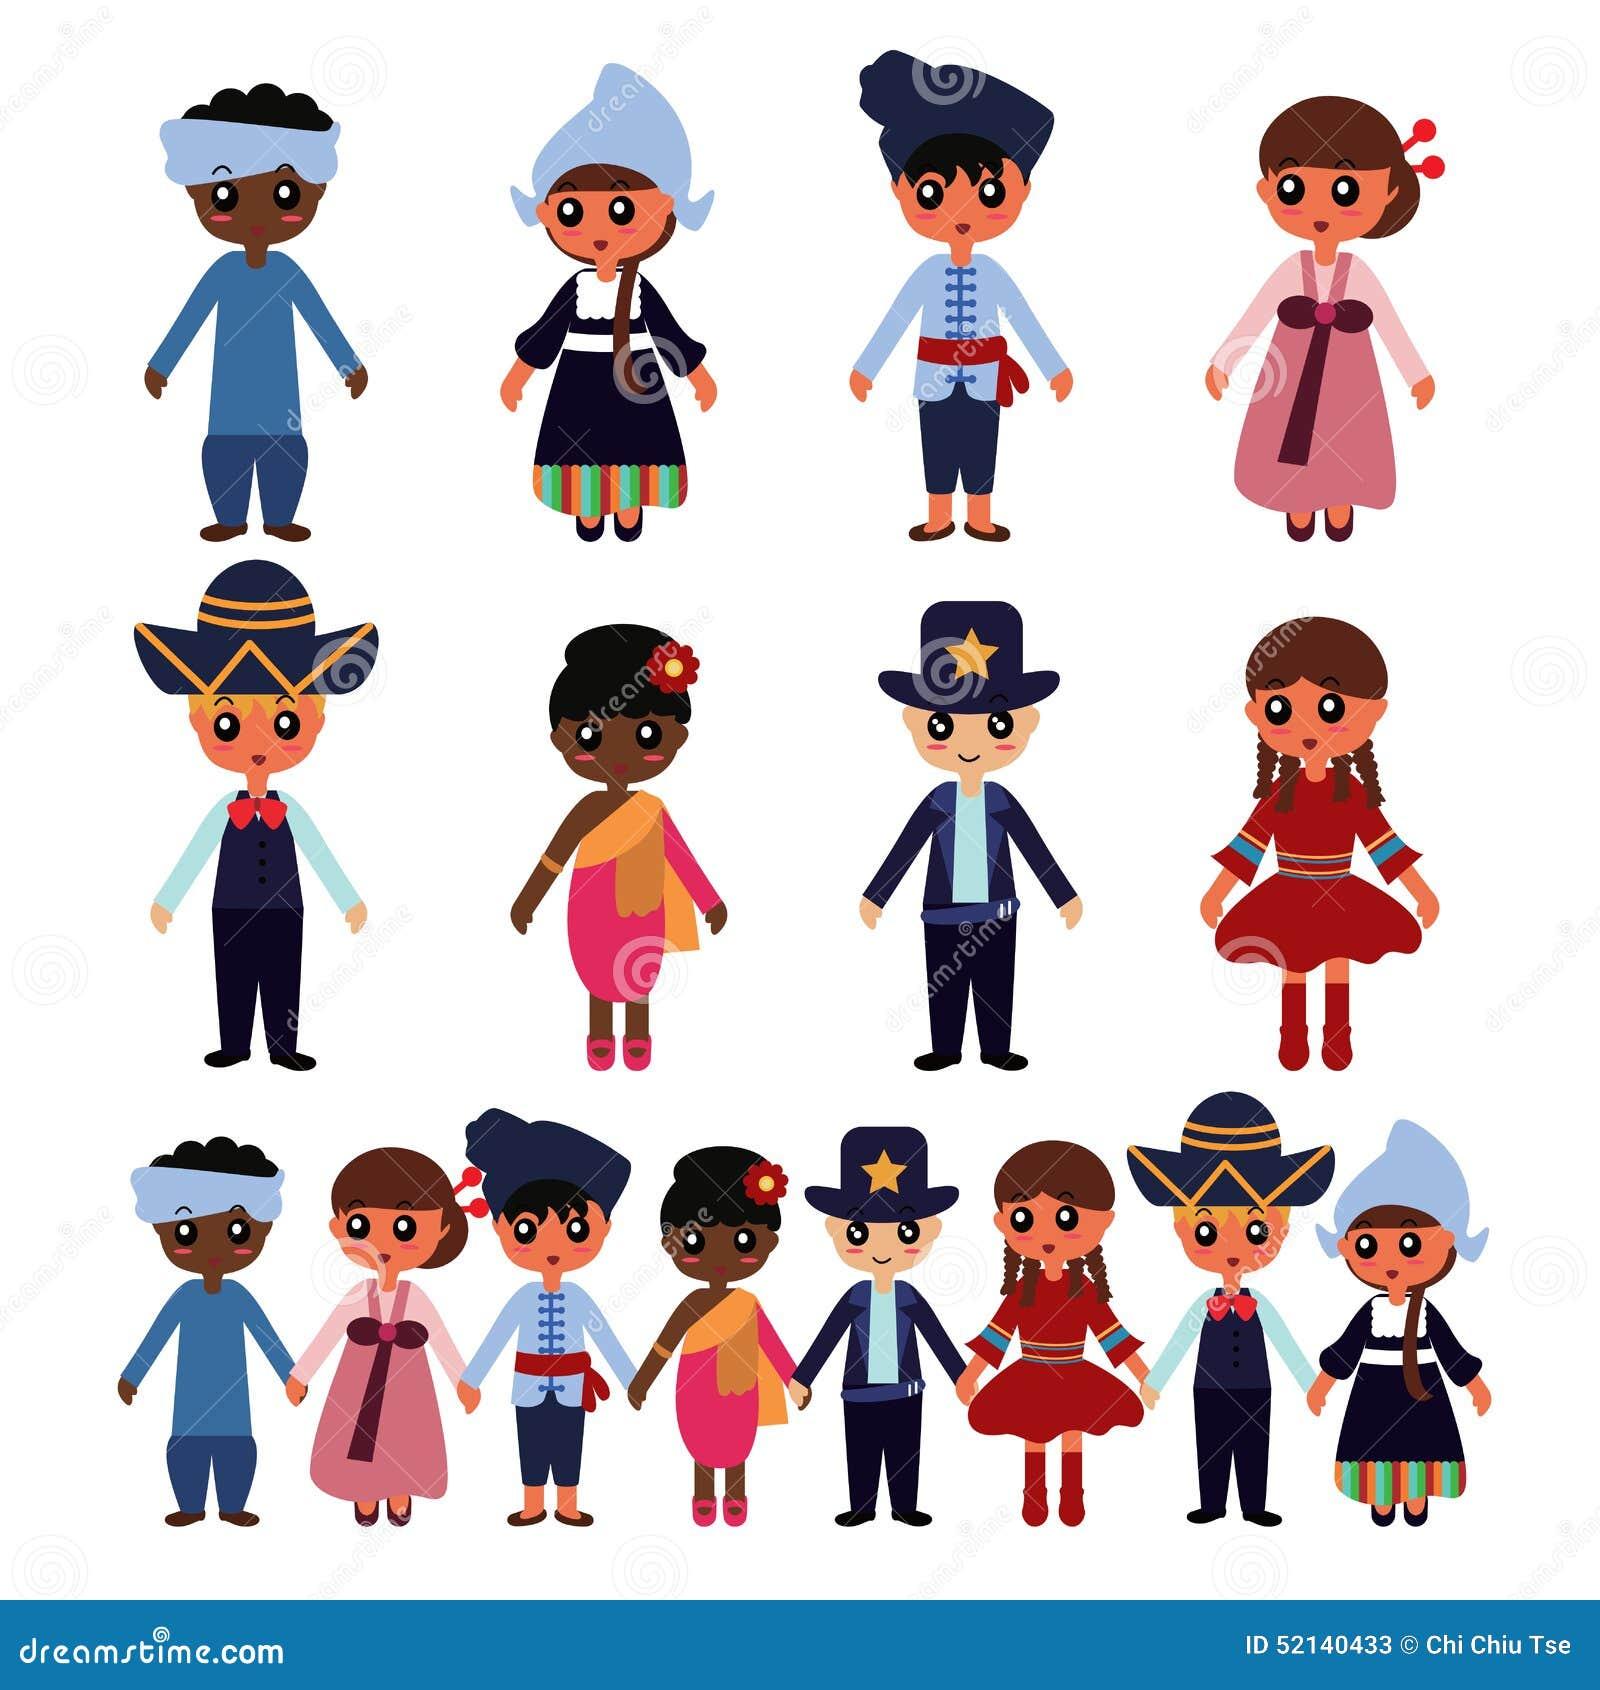 Multicultural Kids Stock Illustration Image 52140433